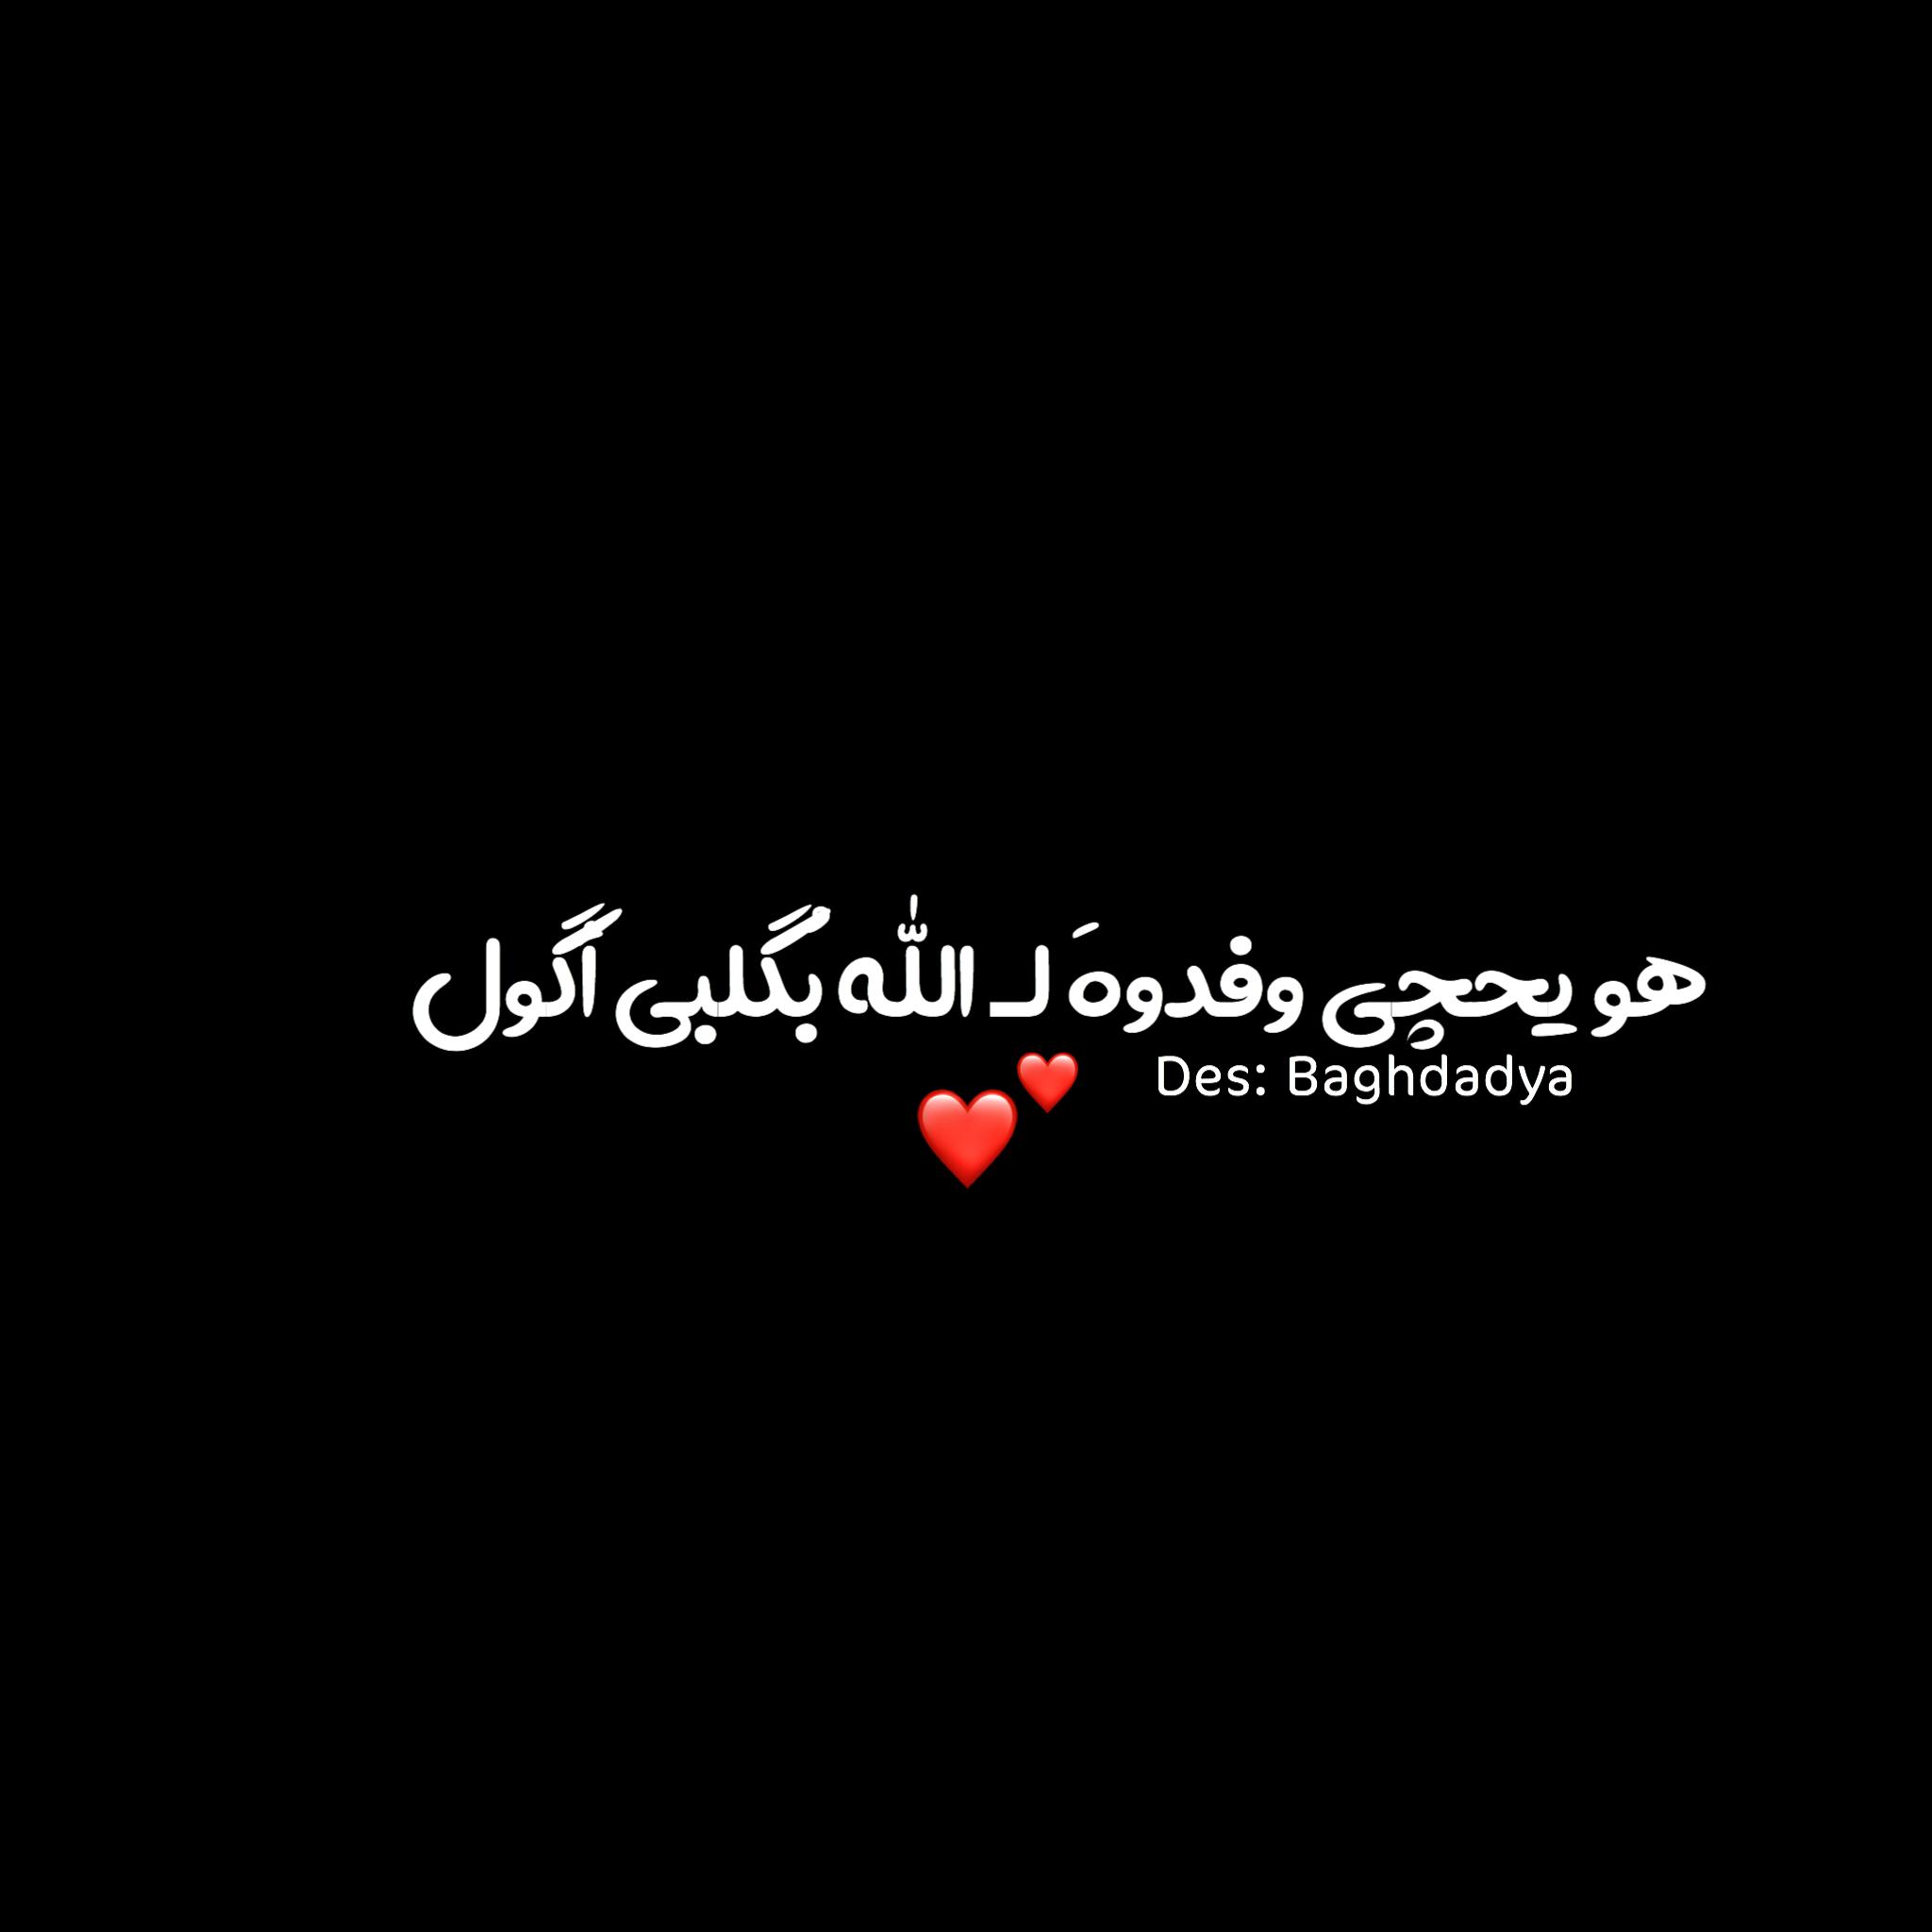 شعر شعبي Cute Muslim Couples Arabic Words Feelings